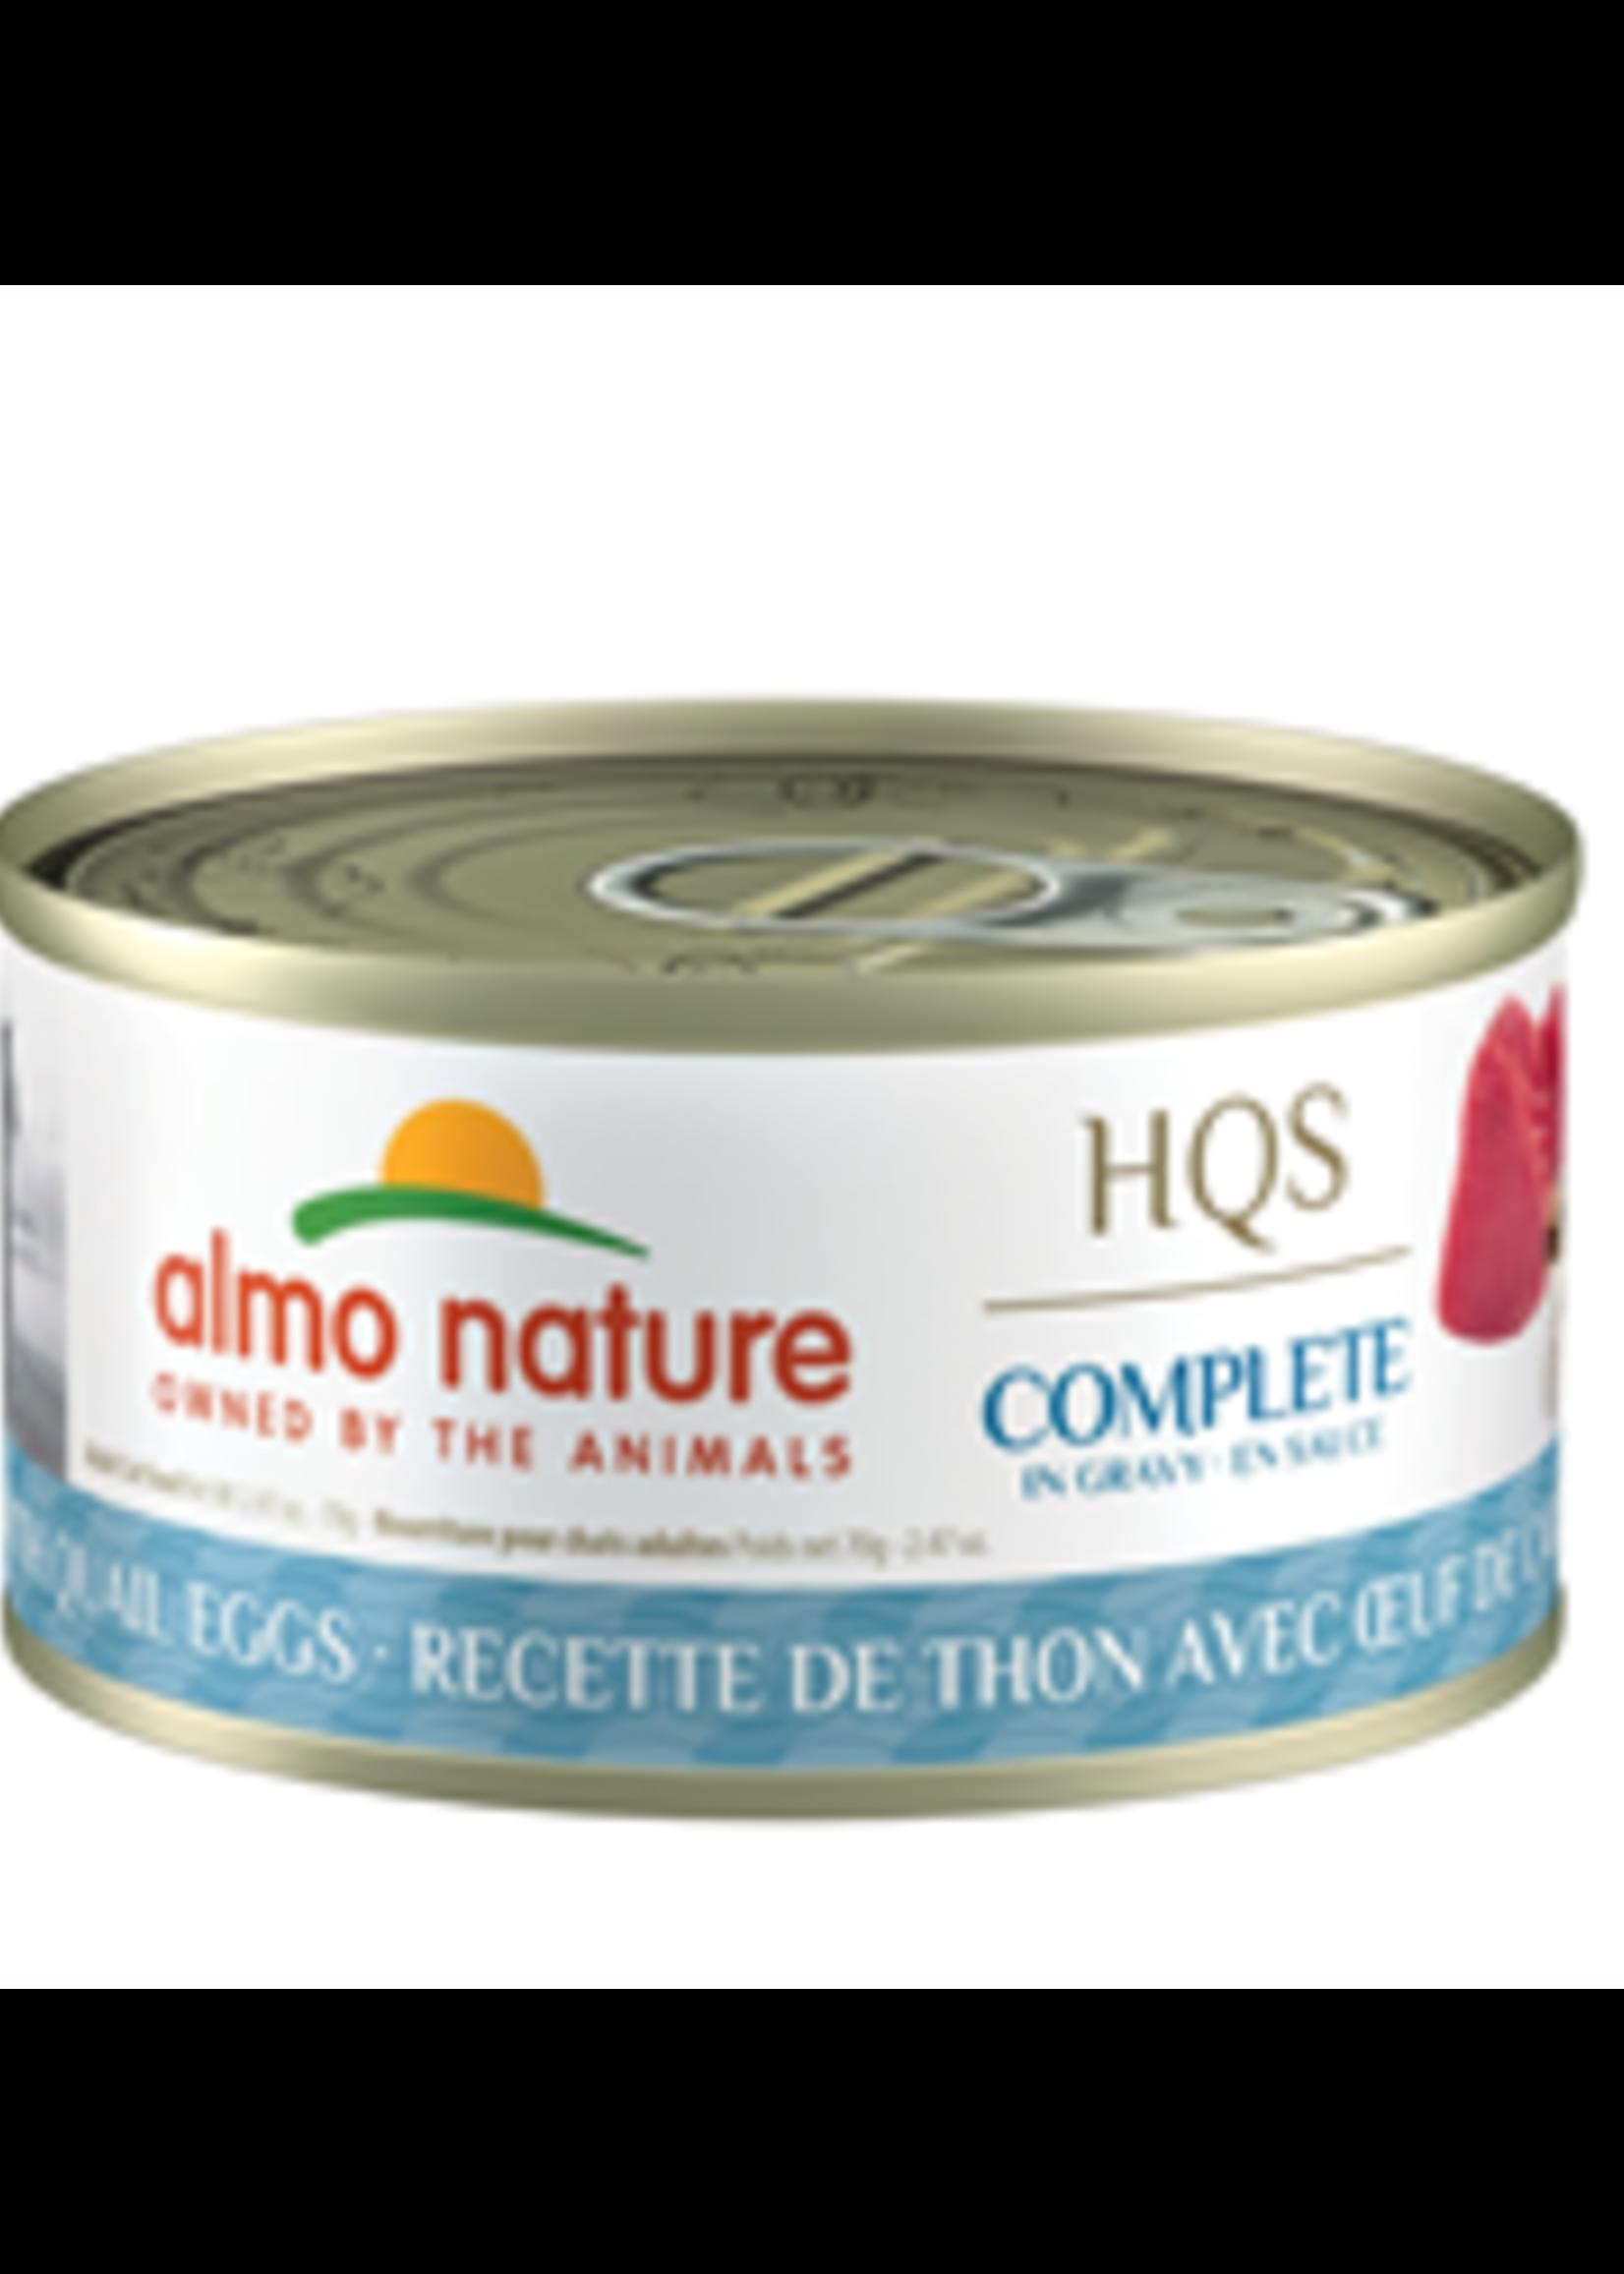 Almo Nature© Almo Nature HQS Complete Tuna Recipe with Quail Eggs in Gravy 70g